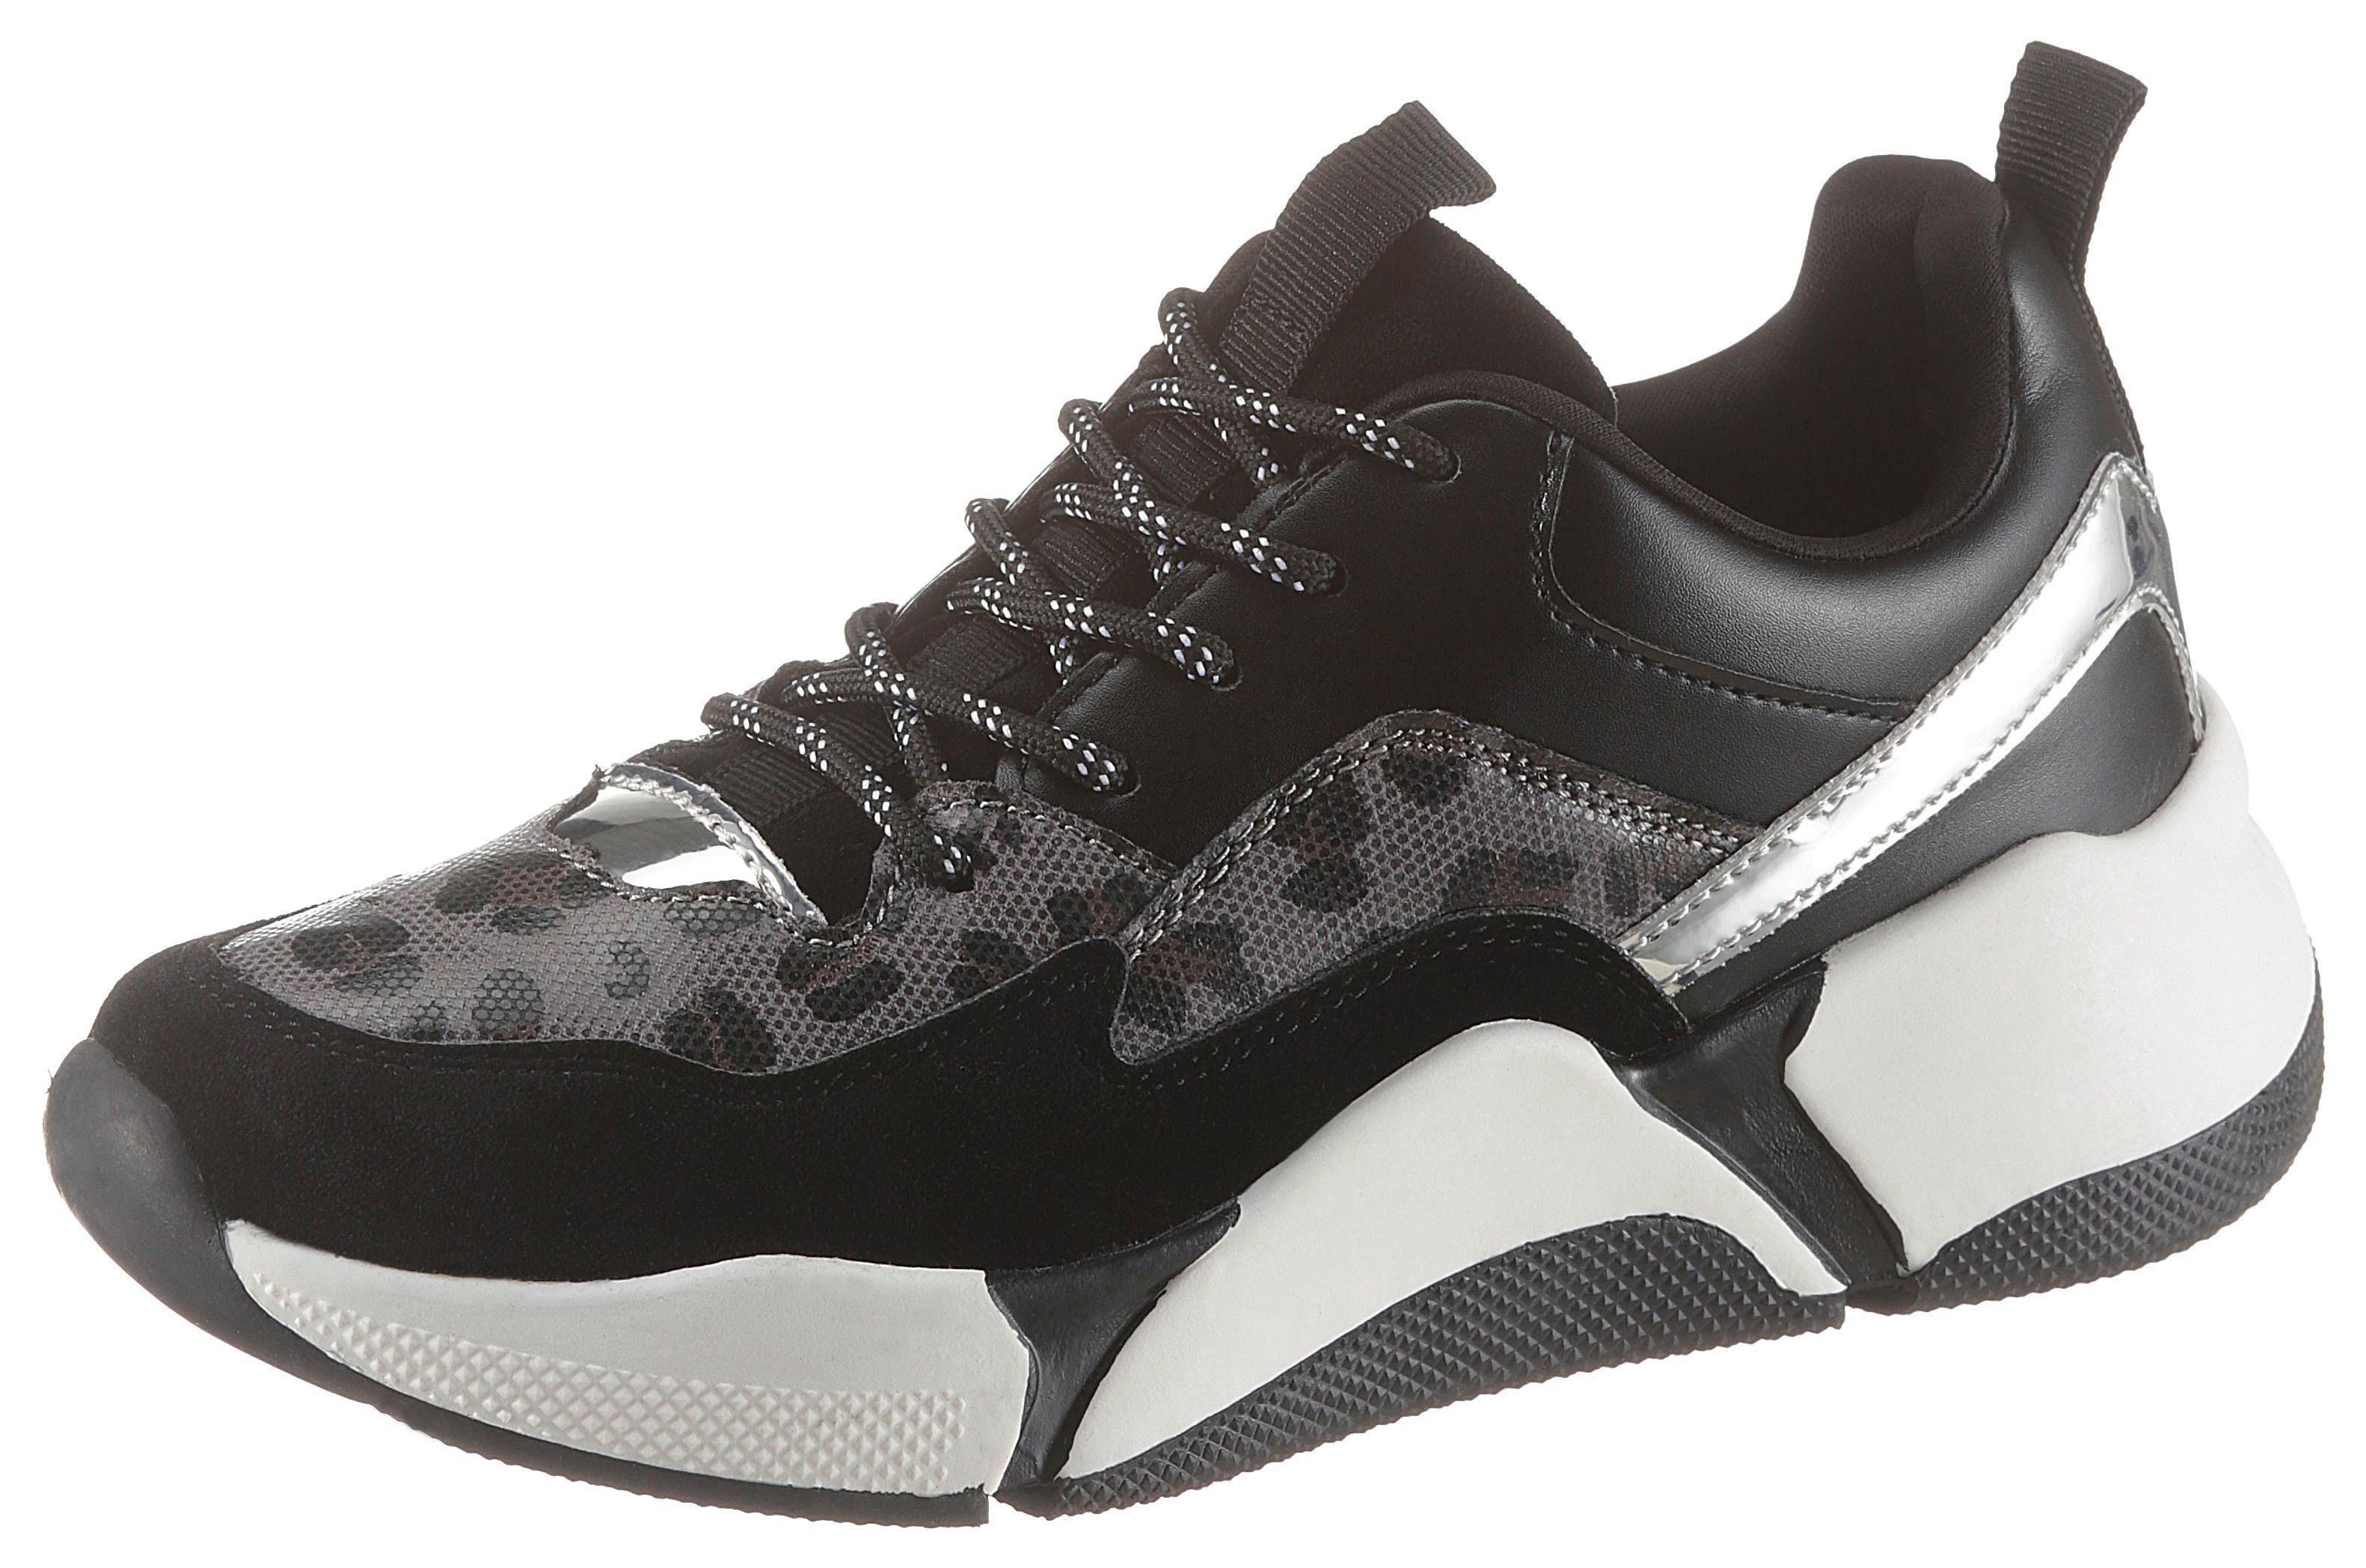 KaufenOtto Sneaker Bullboxer Mit Metallic Einsätzen CBQrdxoeW